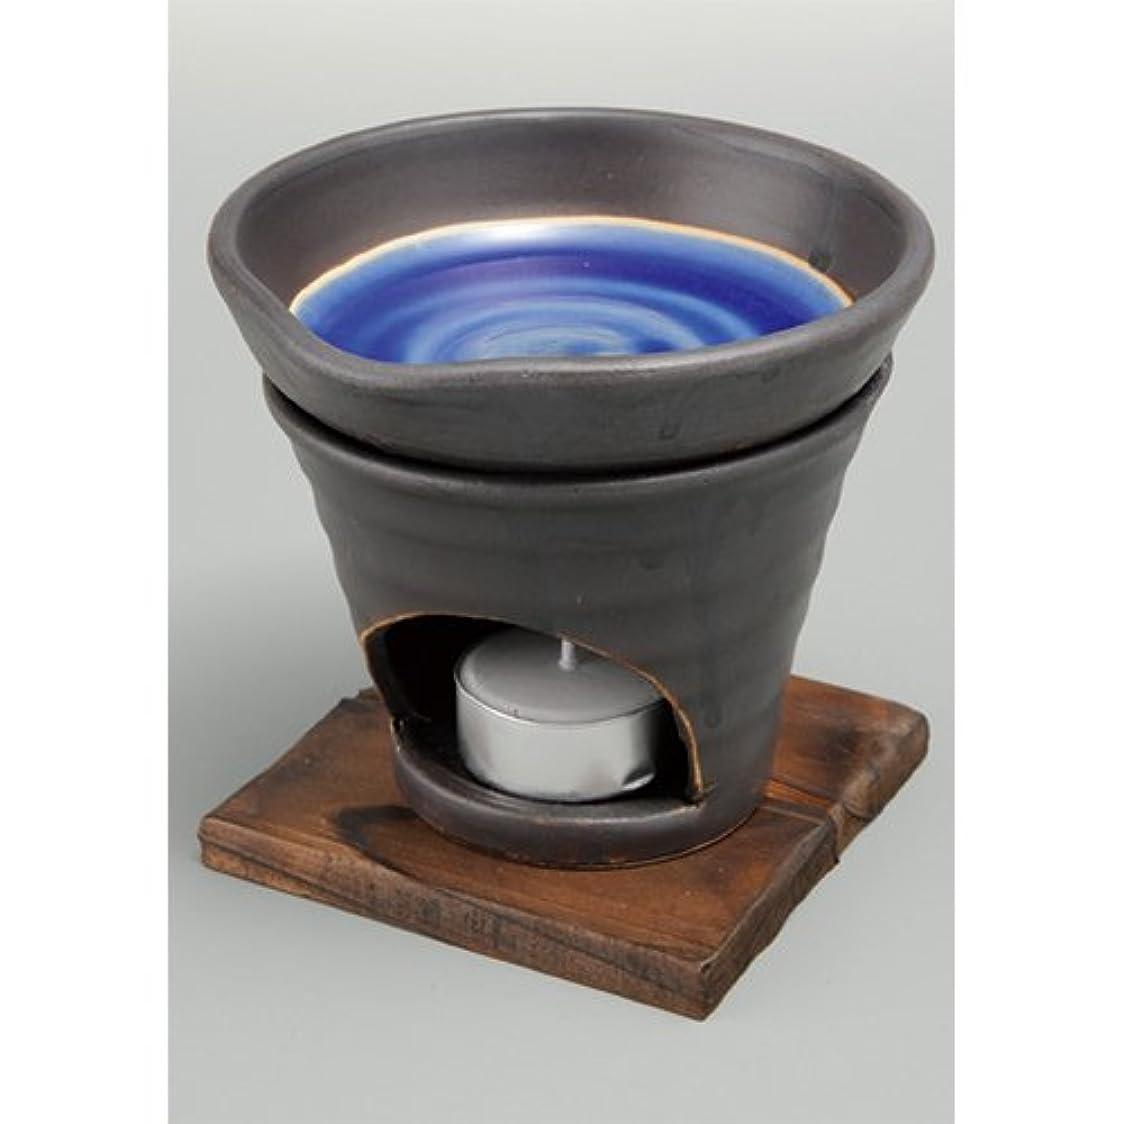 欲求不満ロッド大型トラック香炉 黒釉 茶香炉(青) [R11.8xH11.5cm] HANDMADE プレゼント ギフト 和食器 かわいい インテリア